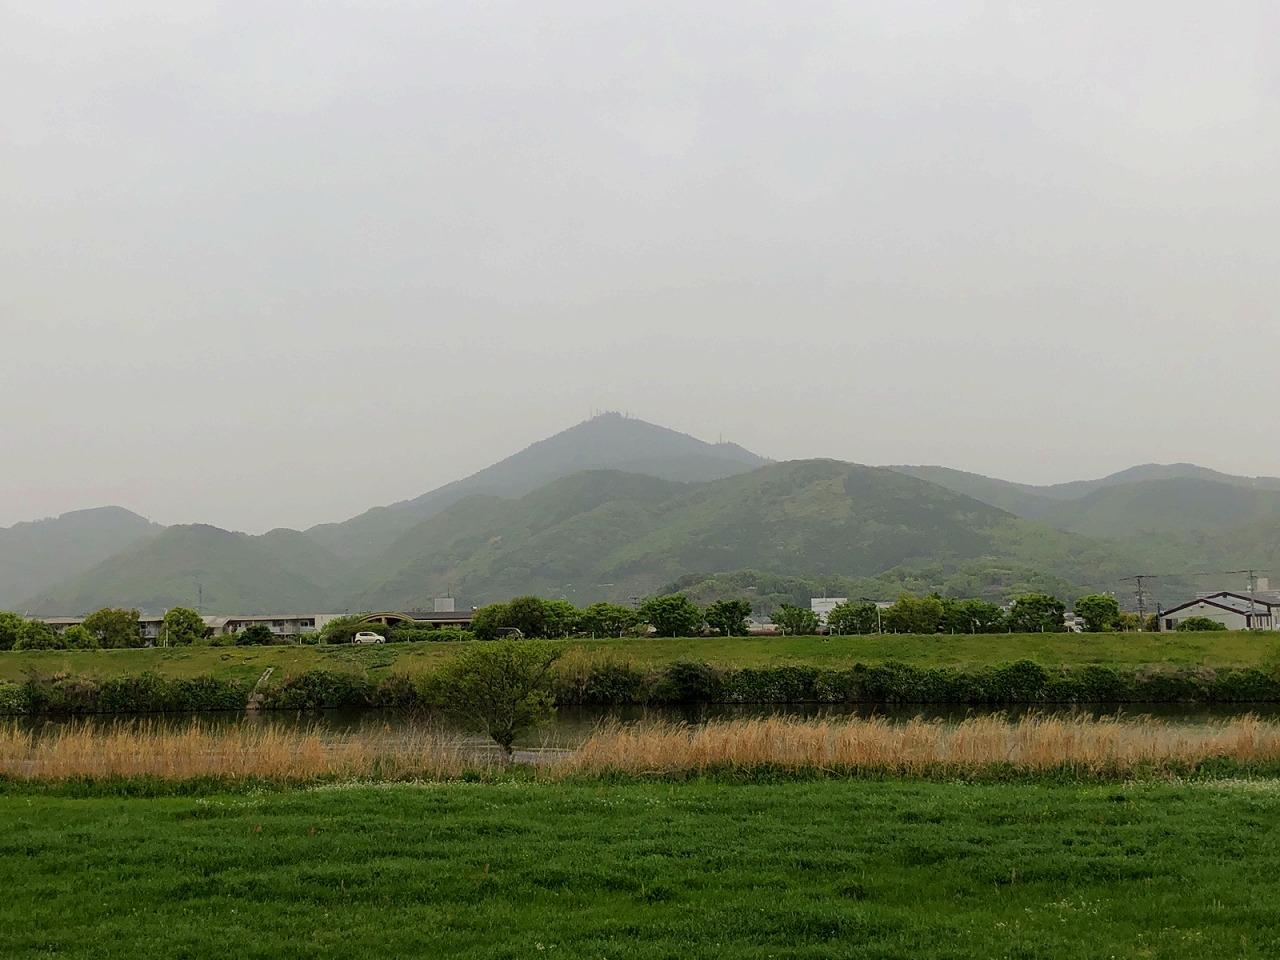 2018.4.17今朝の金峰山です。